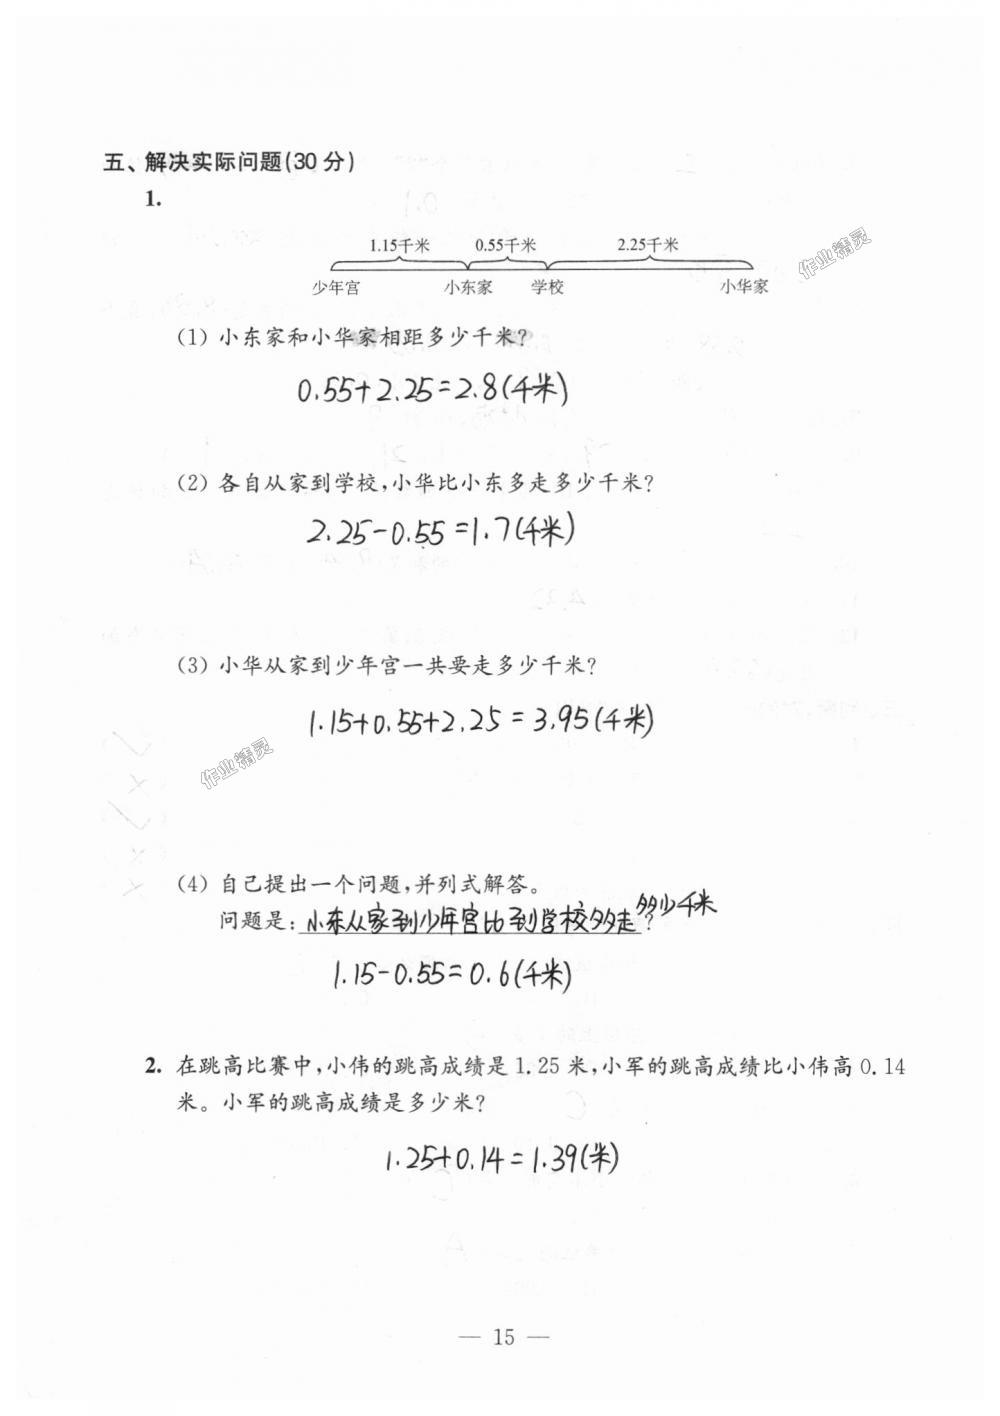 2018年练习与测试检测卷五年级数学上册苏教版第15页